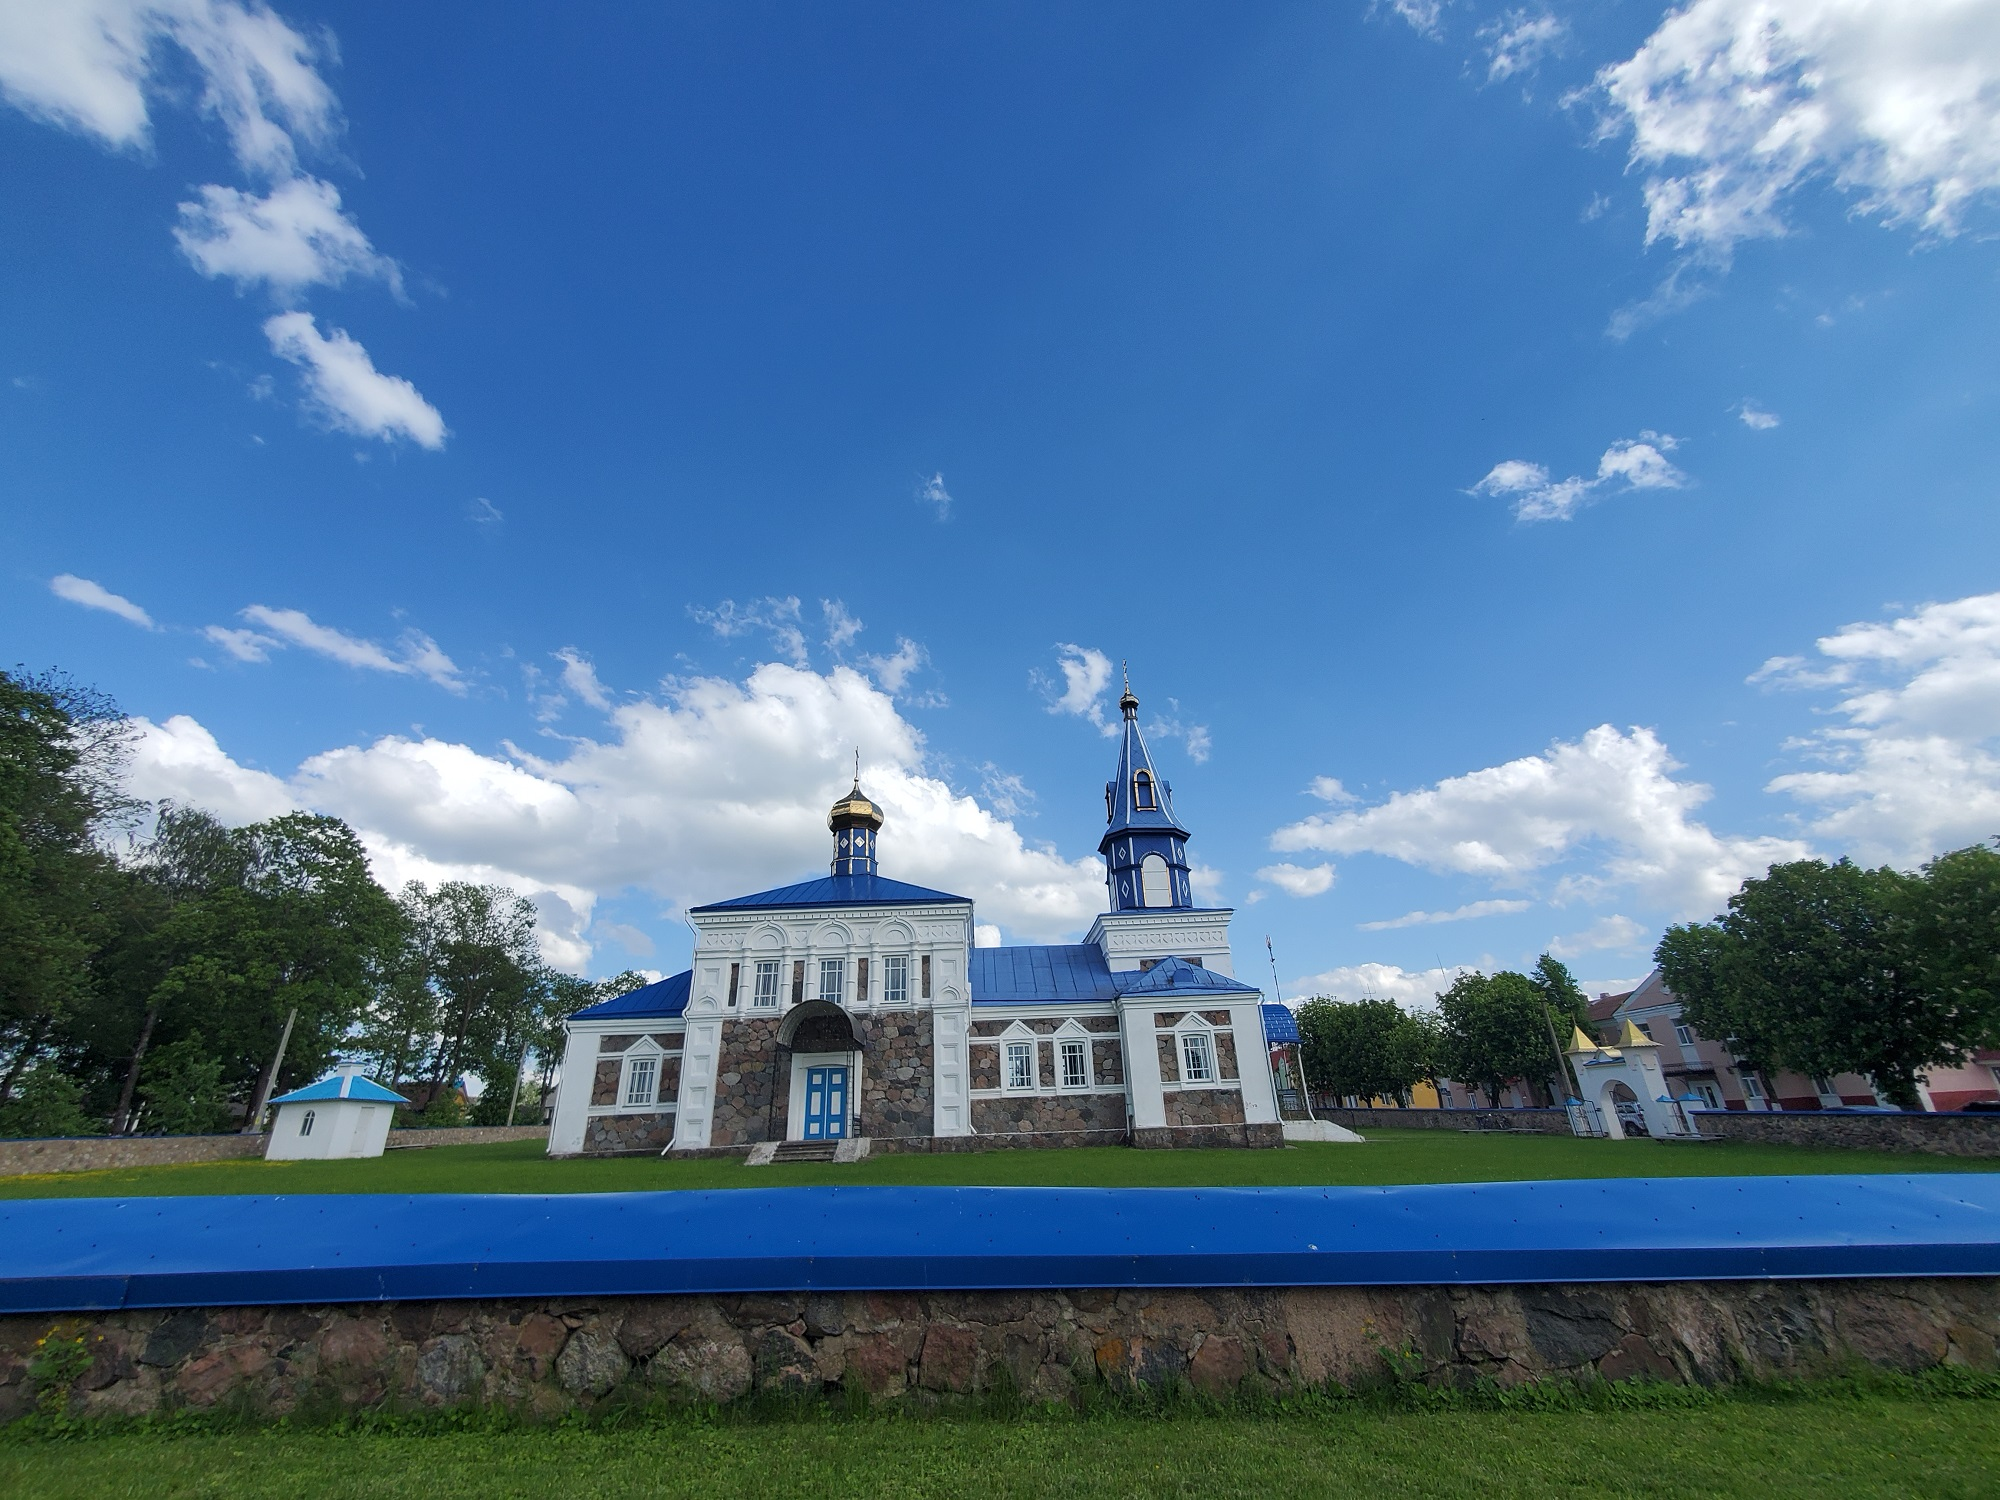 20200606 171357 - Свято-Покровская церковь в Докшицах